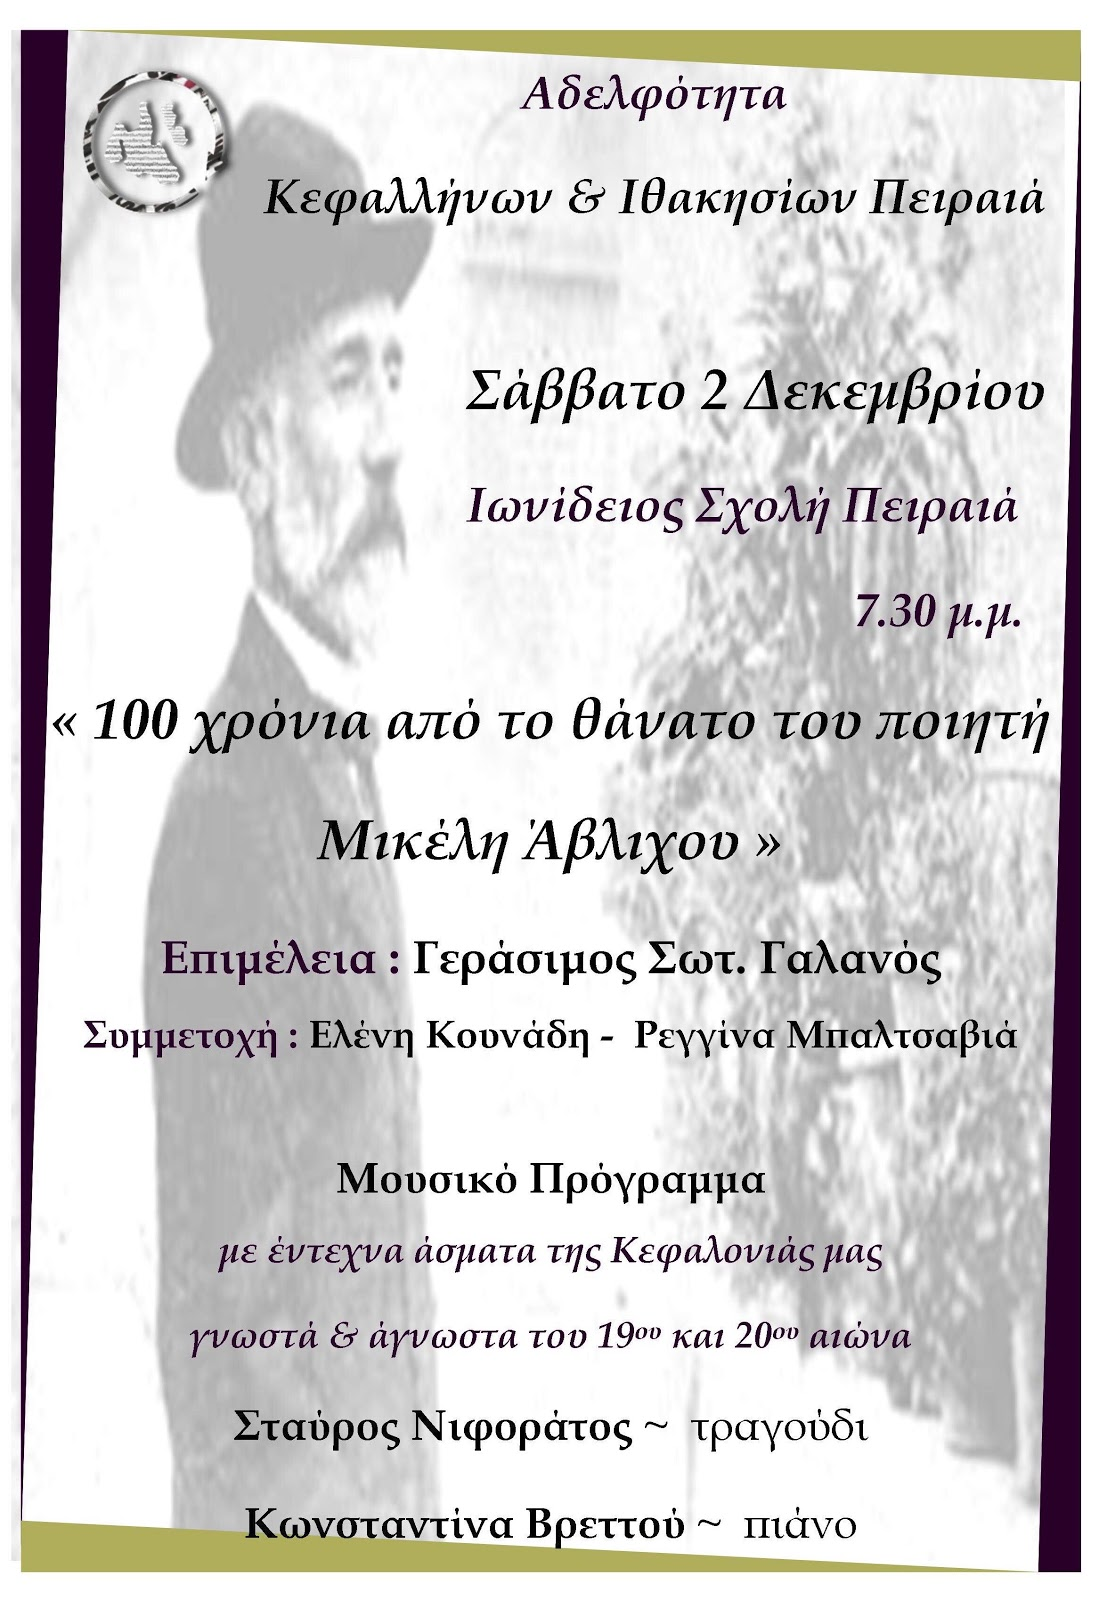 Εκδήλωση για τον Μικέλη Άβλιχο στον Πειραιά (2.12.2017)